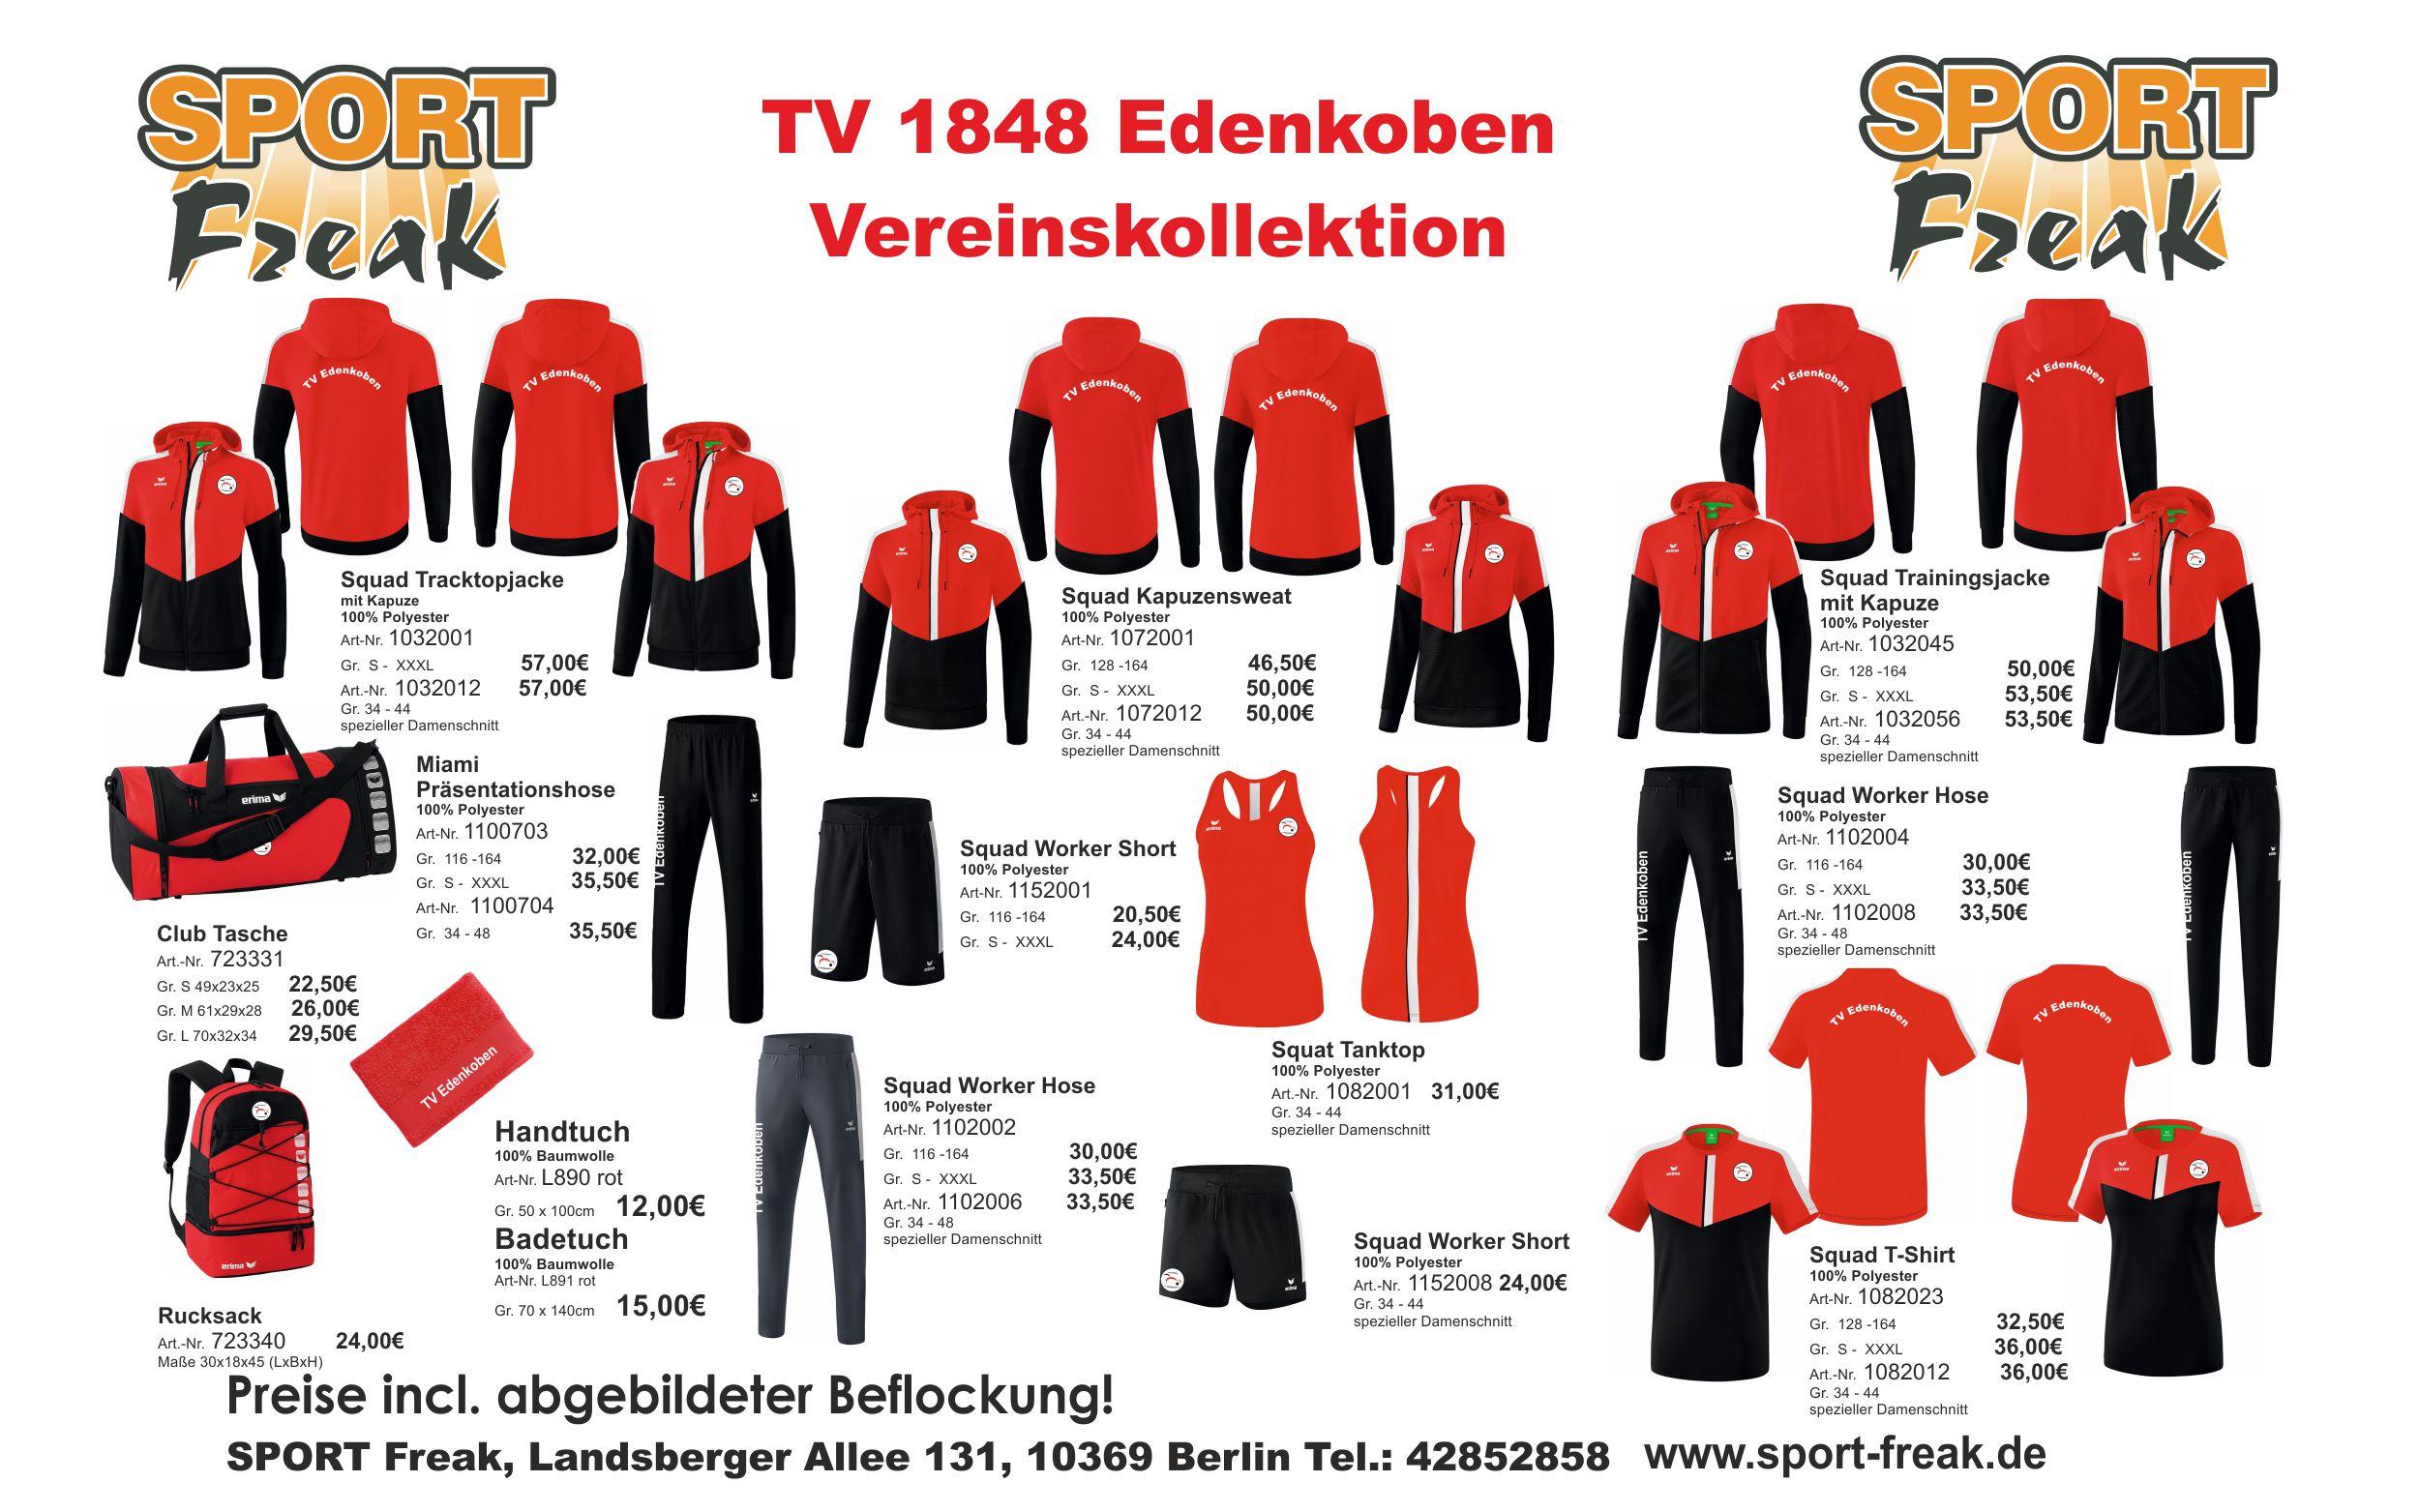 Flyer TV Edenkoben 1848